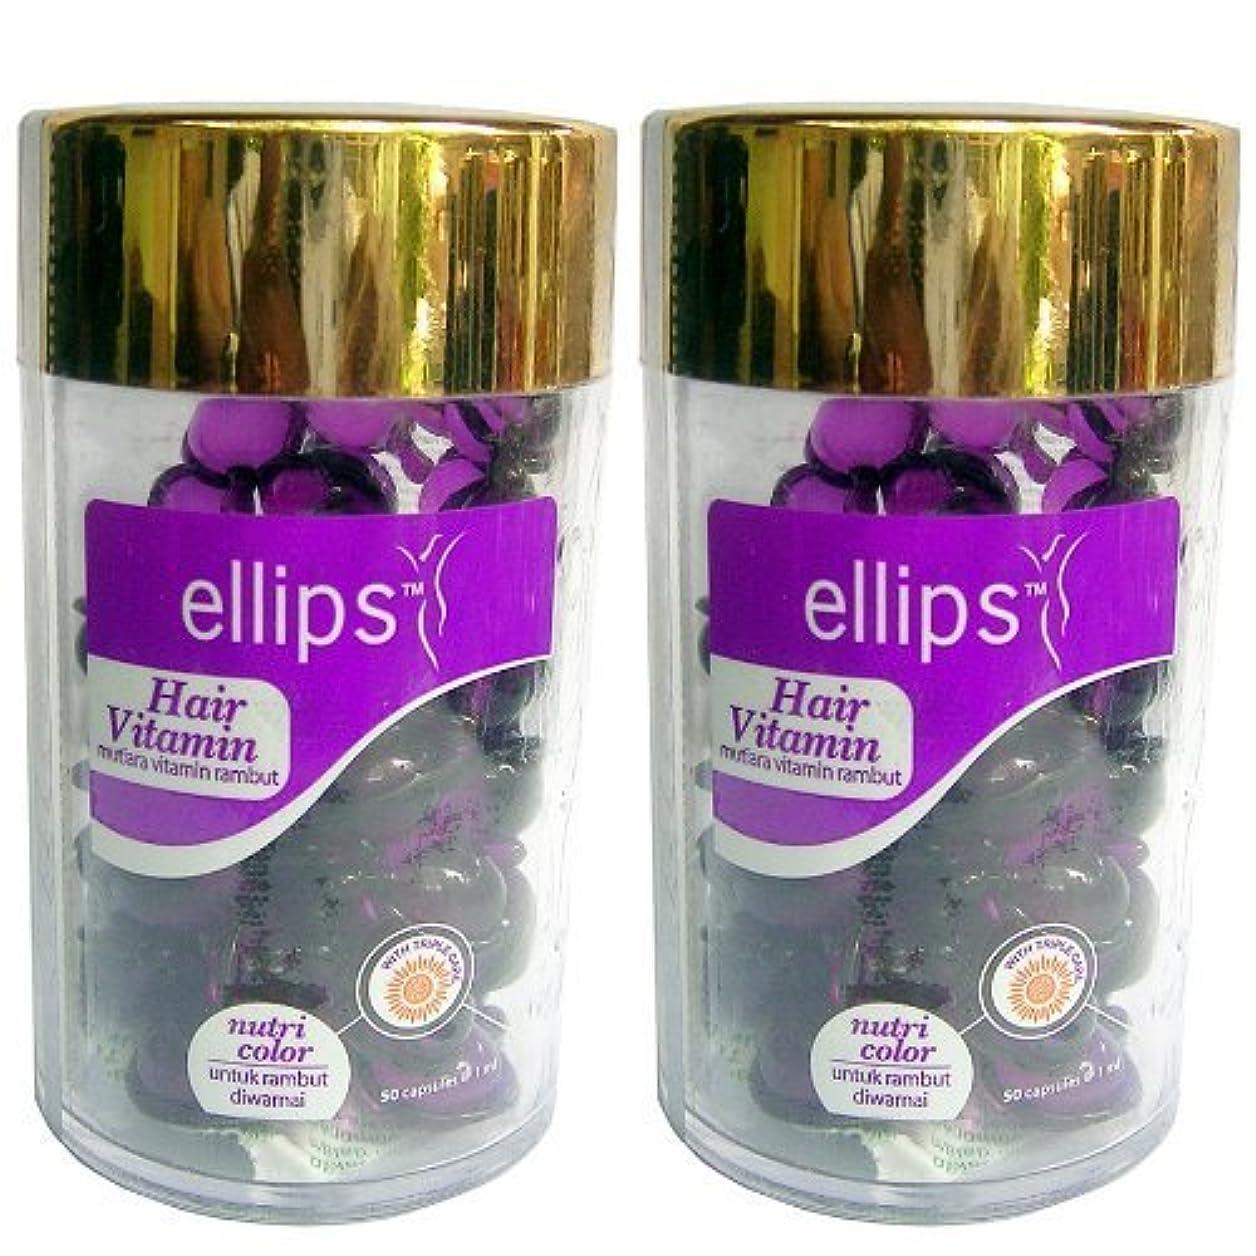 パントリー静める可能にするEllips(エリプス)ヘアビタミン(50粒入)2個セット [並行輸入品][海外直送品] パープル